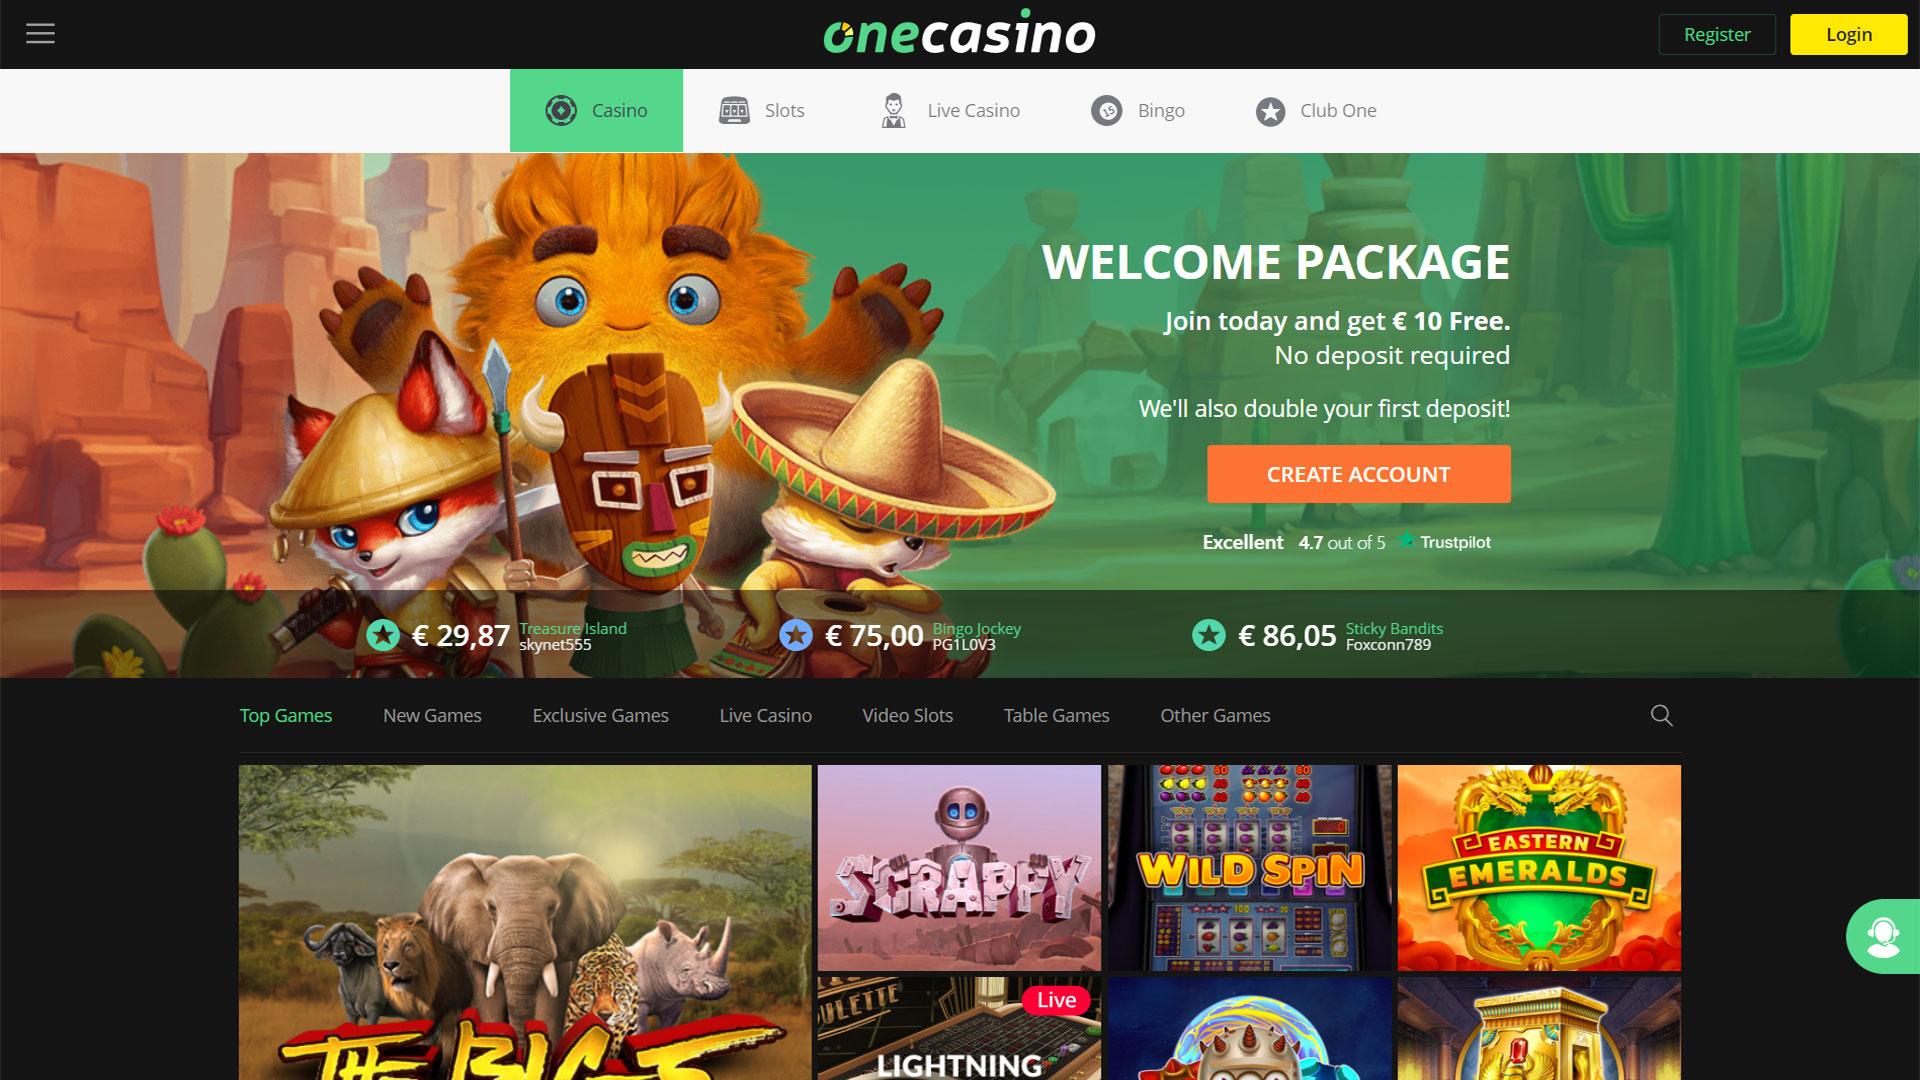 One Casino screenshot